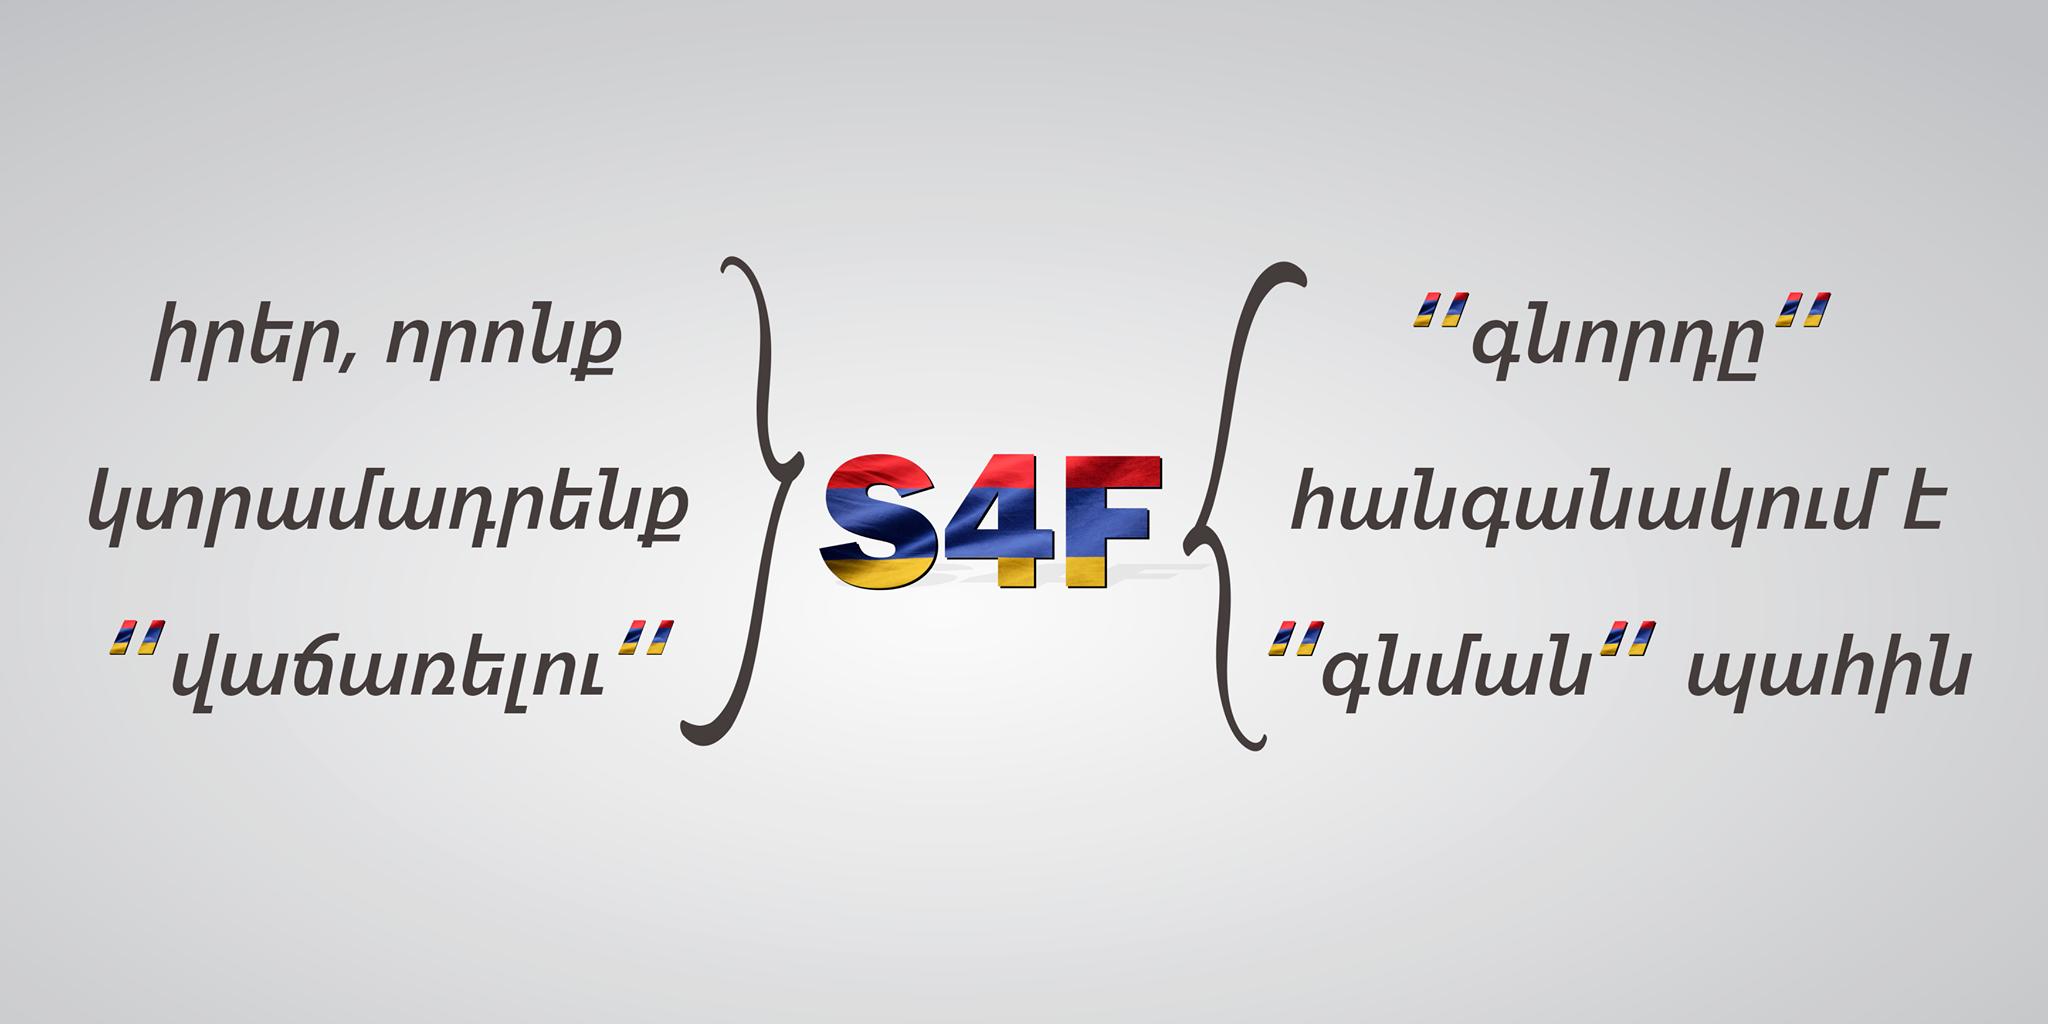 Sale4Fund. Իրերի վաճառք, որի գումարը փոխանցվում է Հայաստան հիմնադրամին